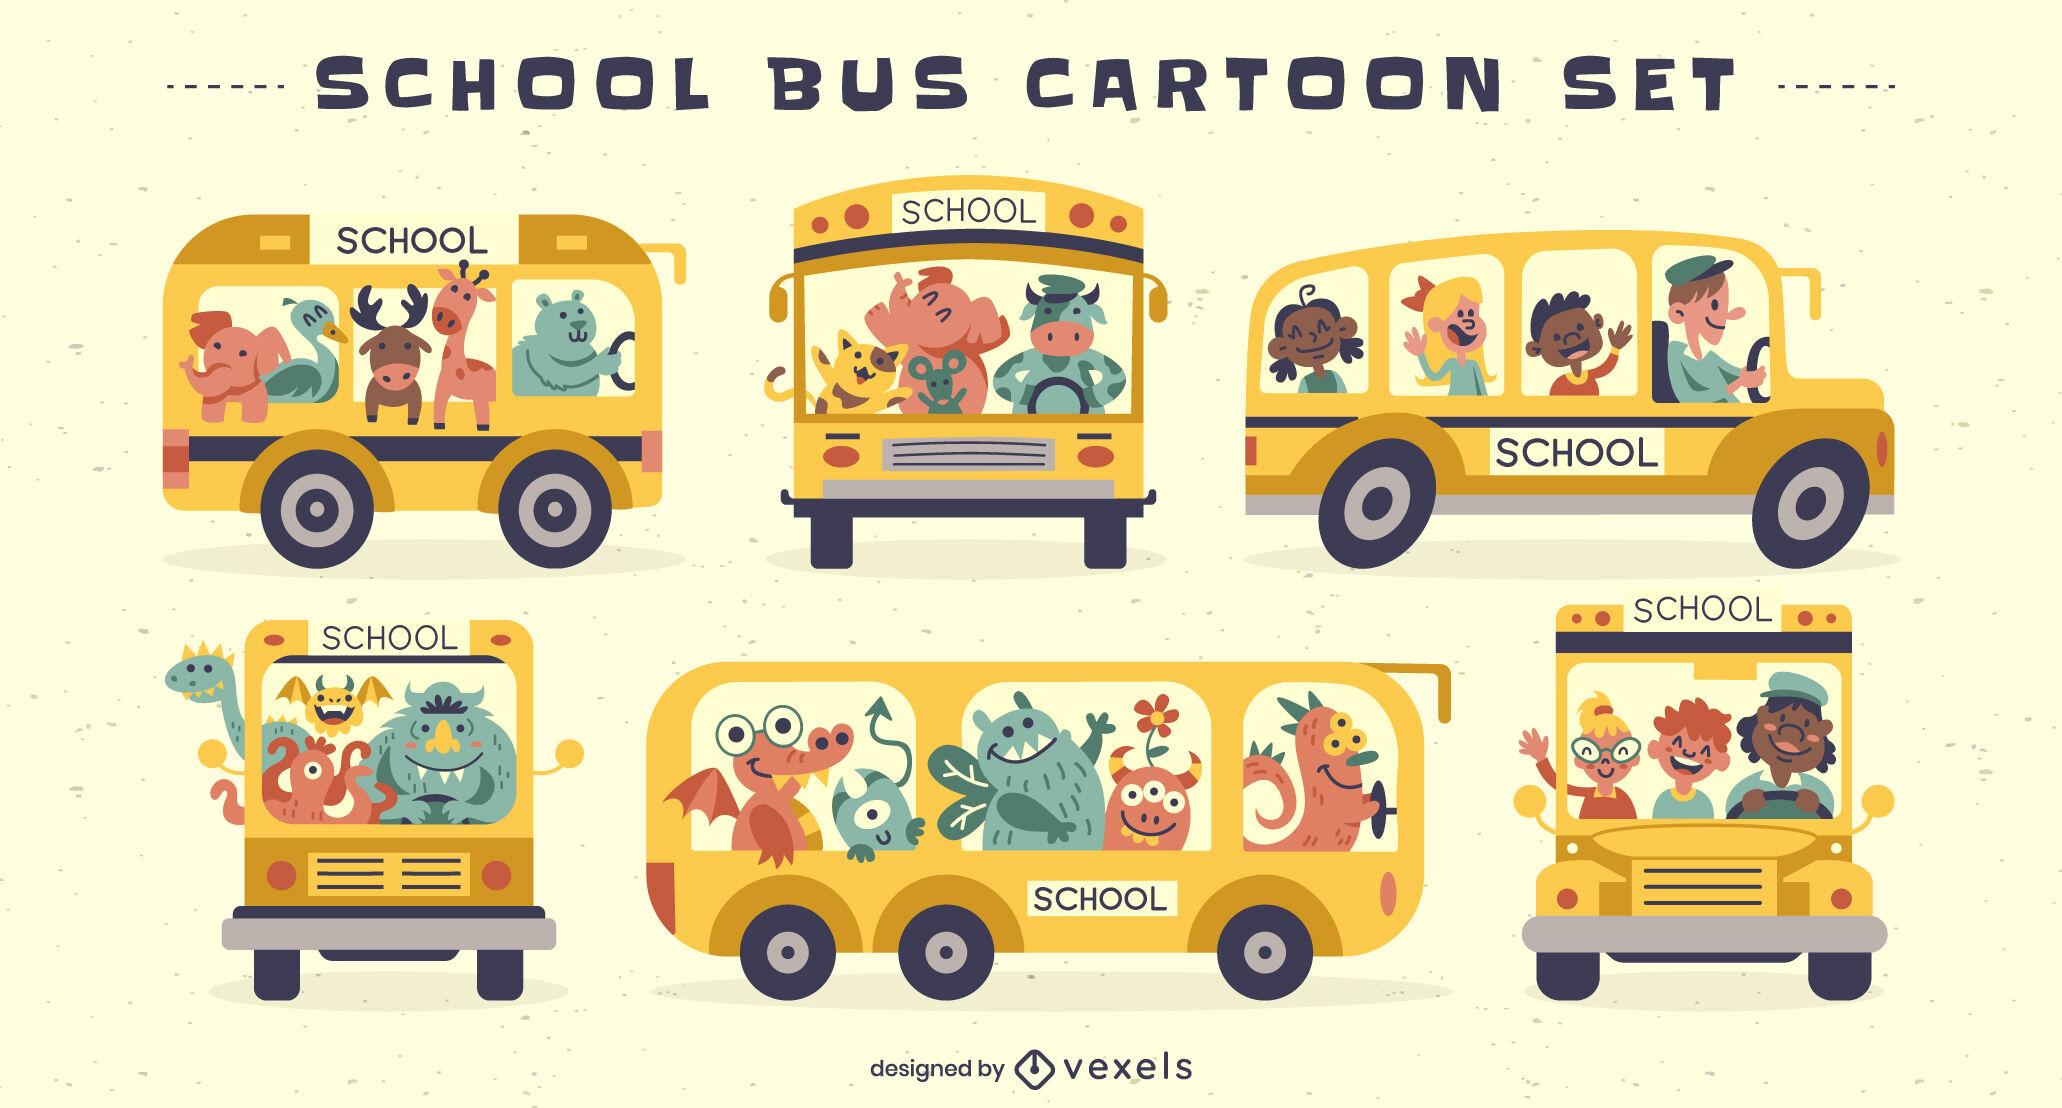 School buses cartoon color set